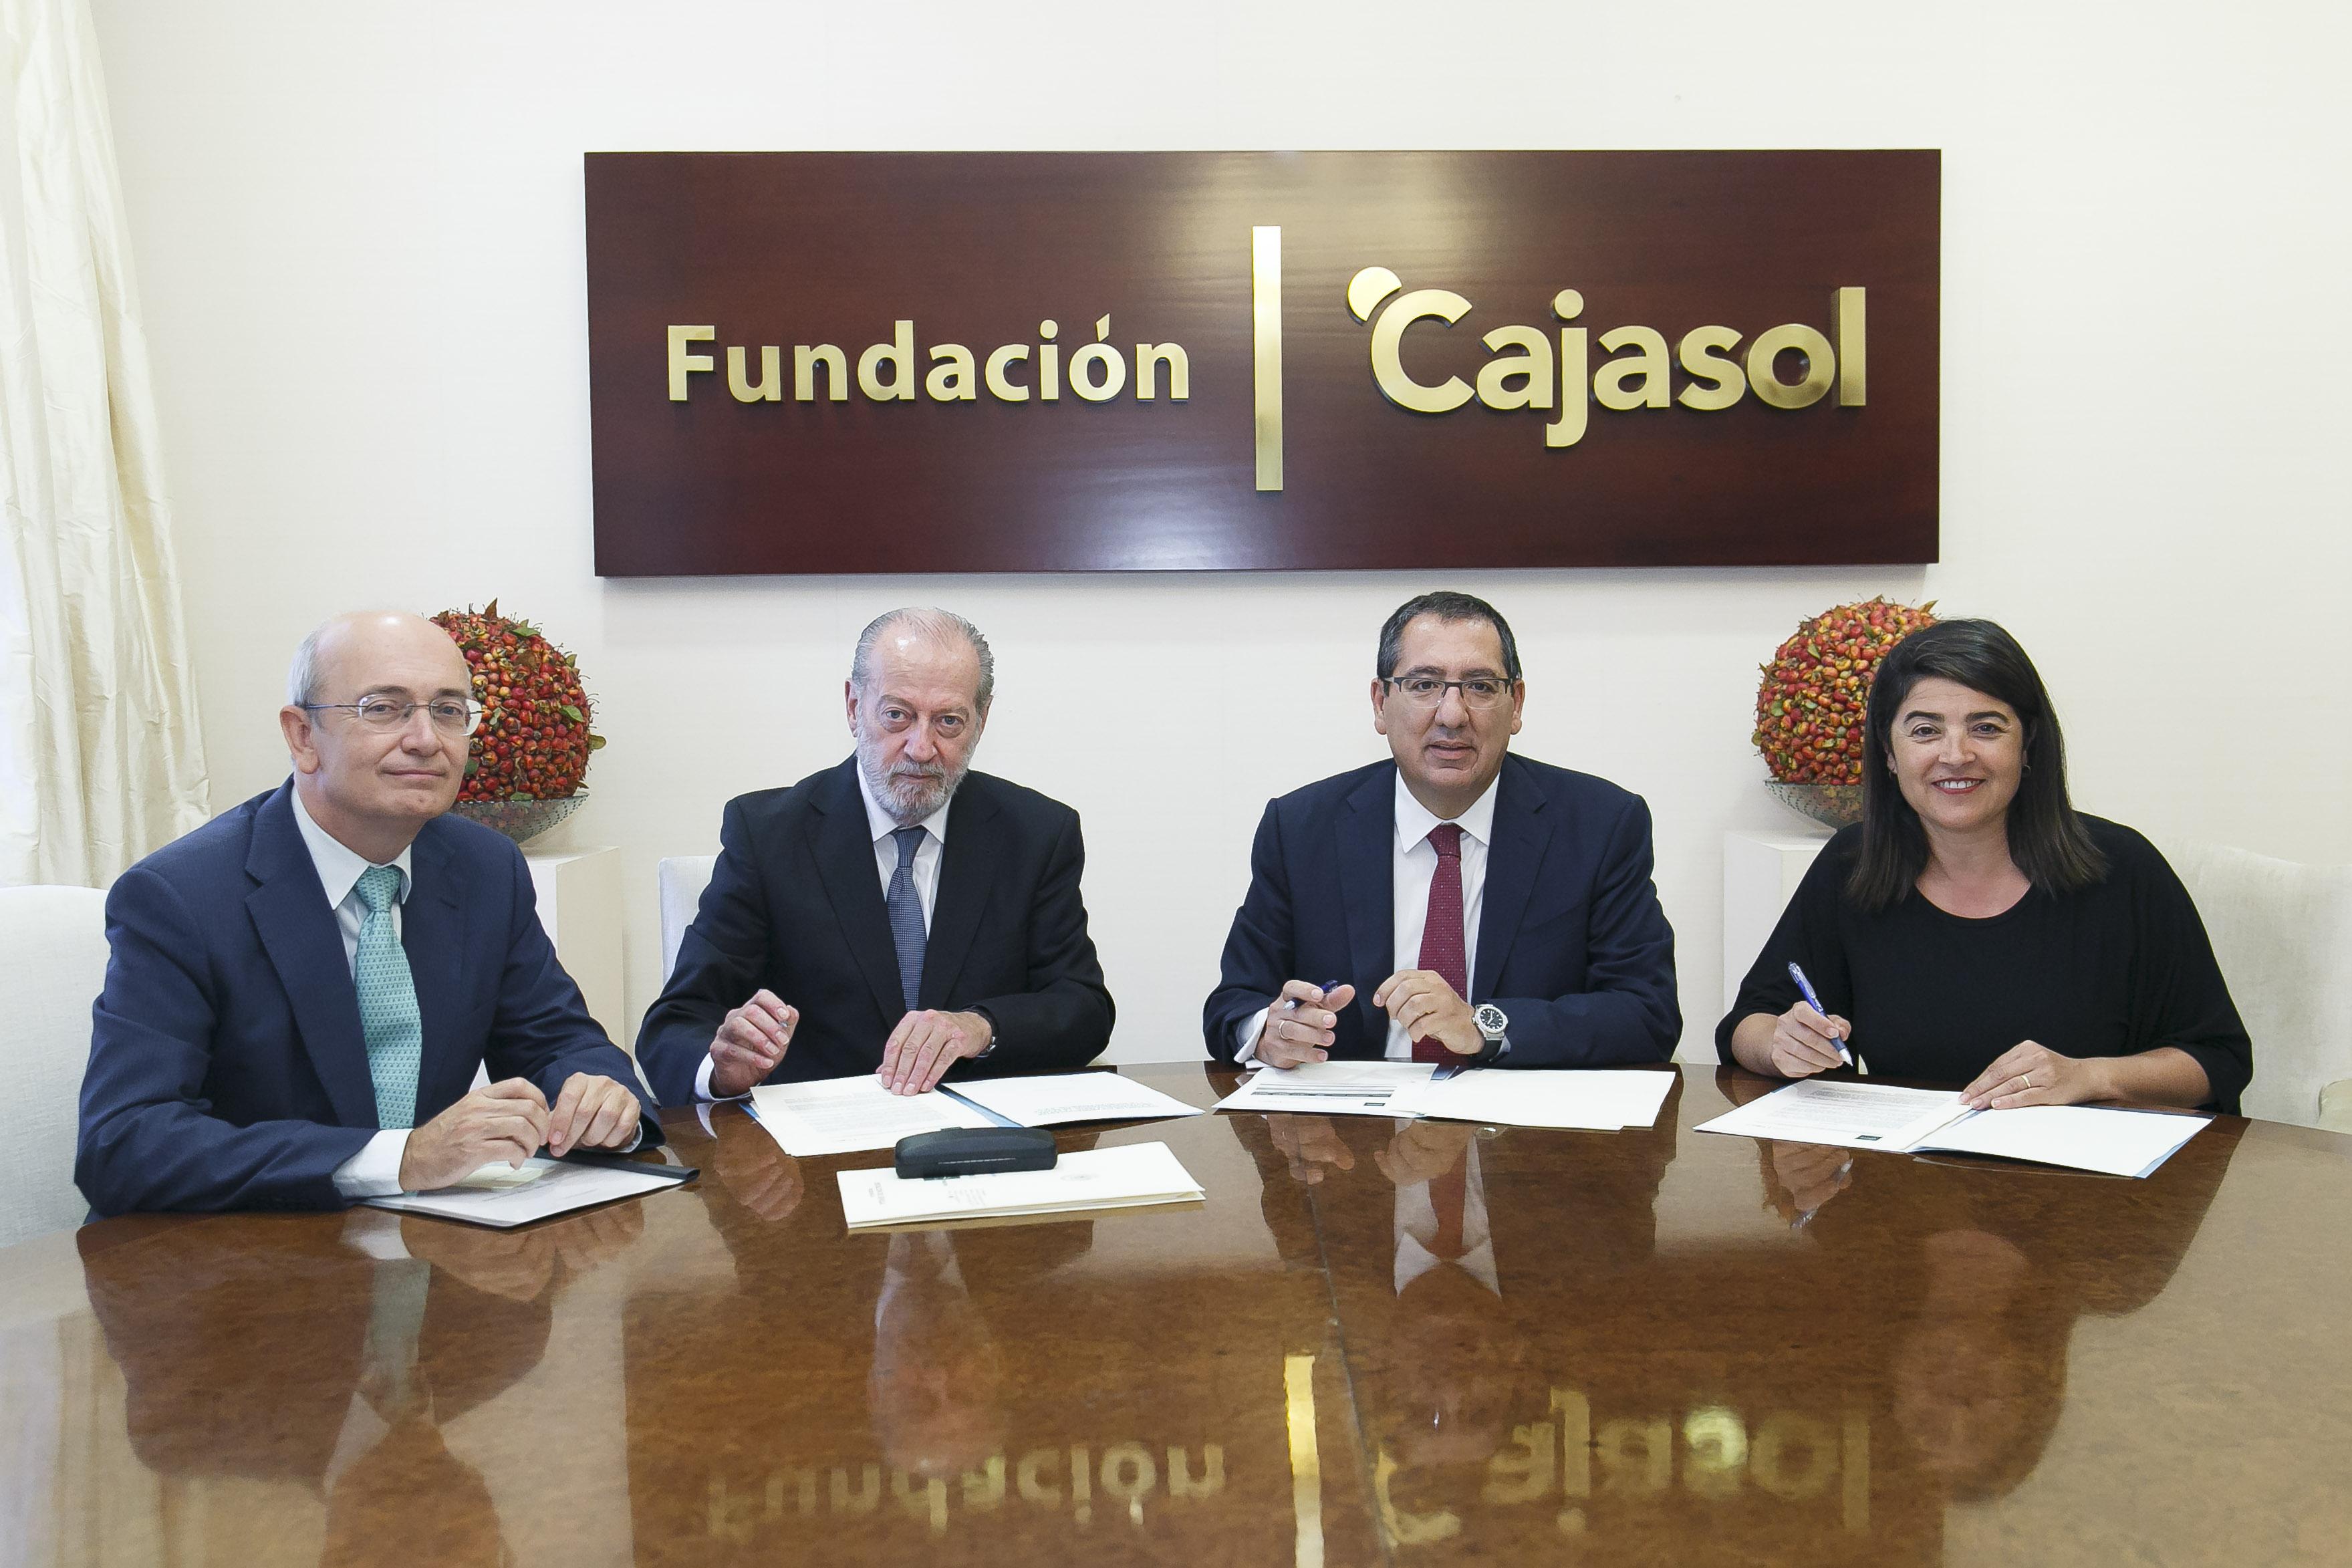 La Fundación Cajasol y la Diputación acuerdan la puesta en marcha de un proyecto en el ámbito de la simulación de empresas.